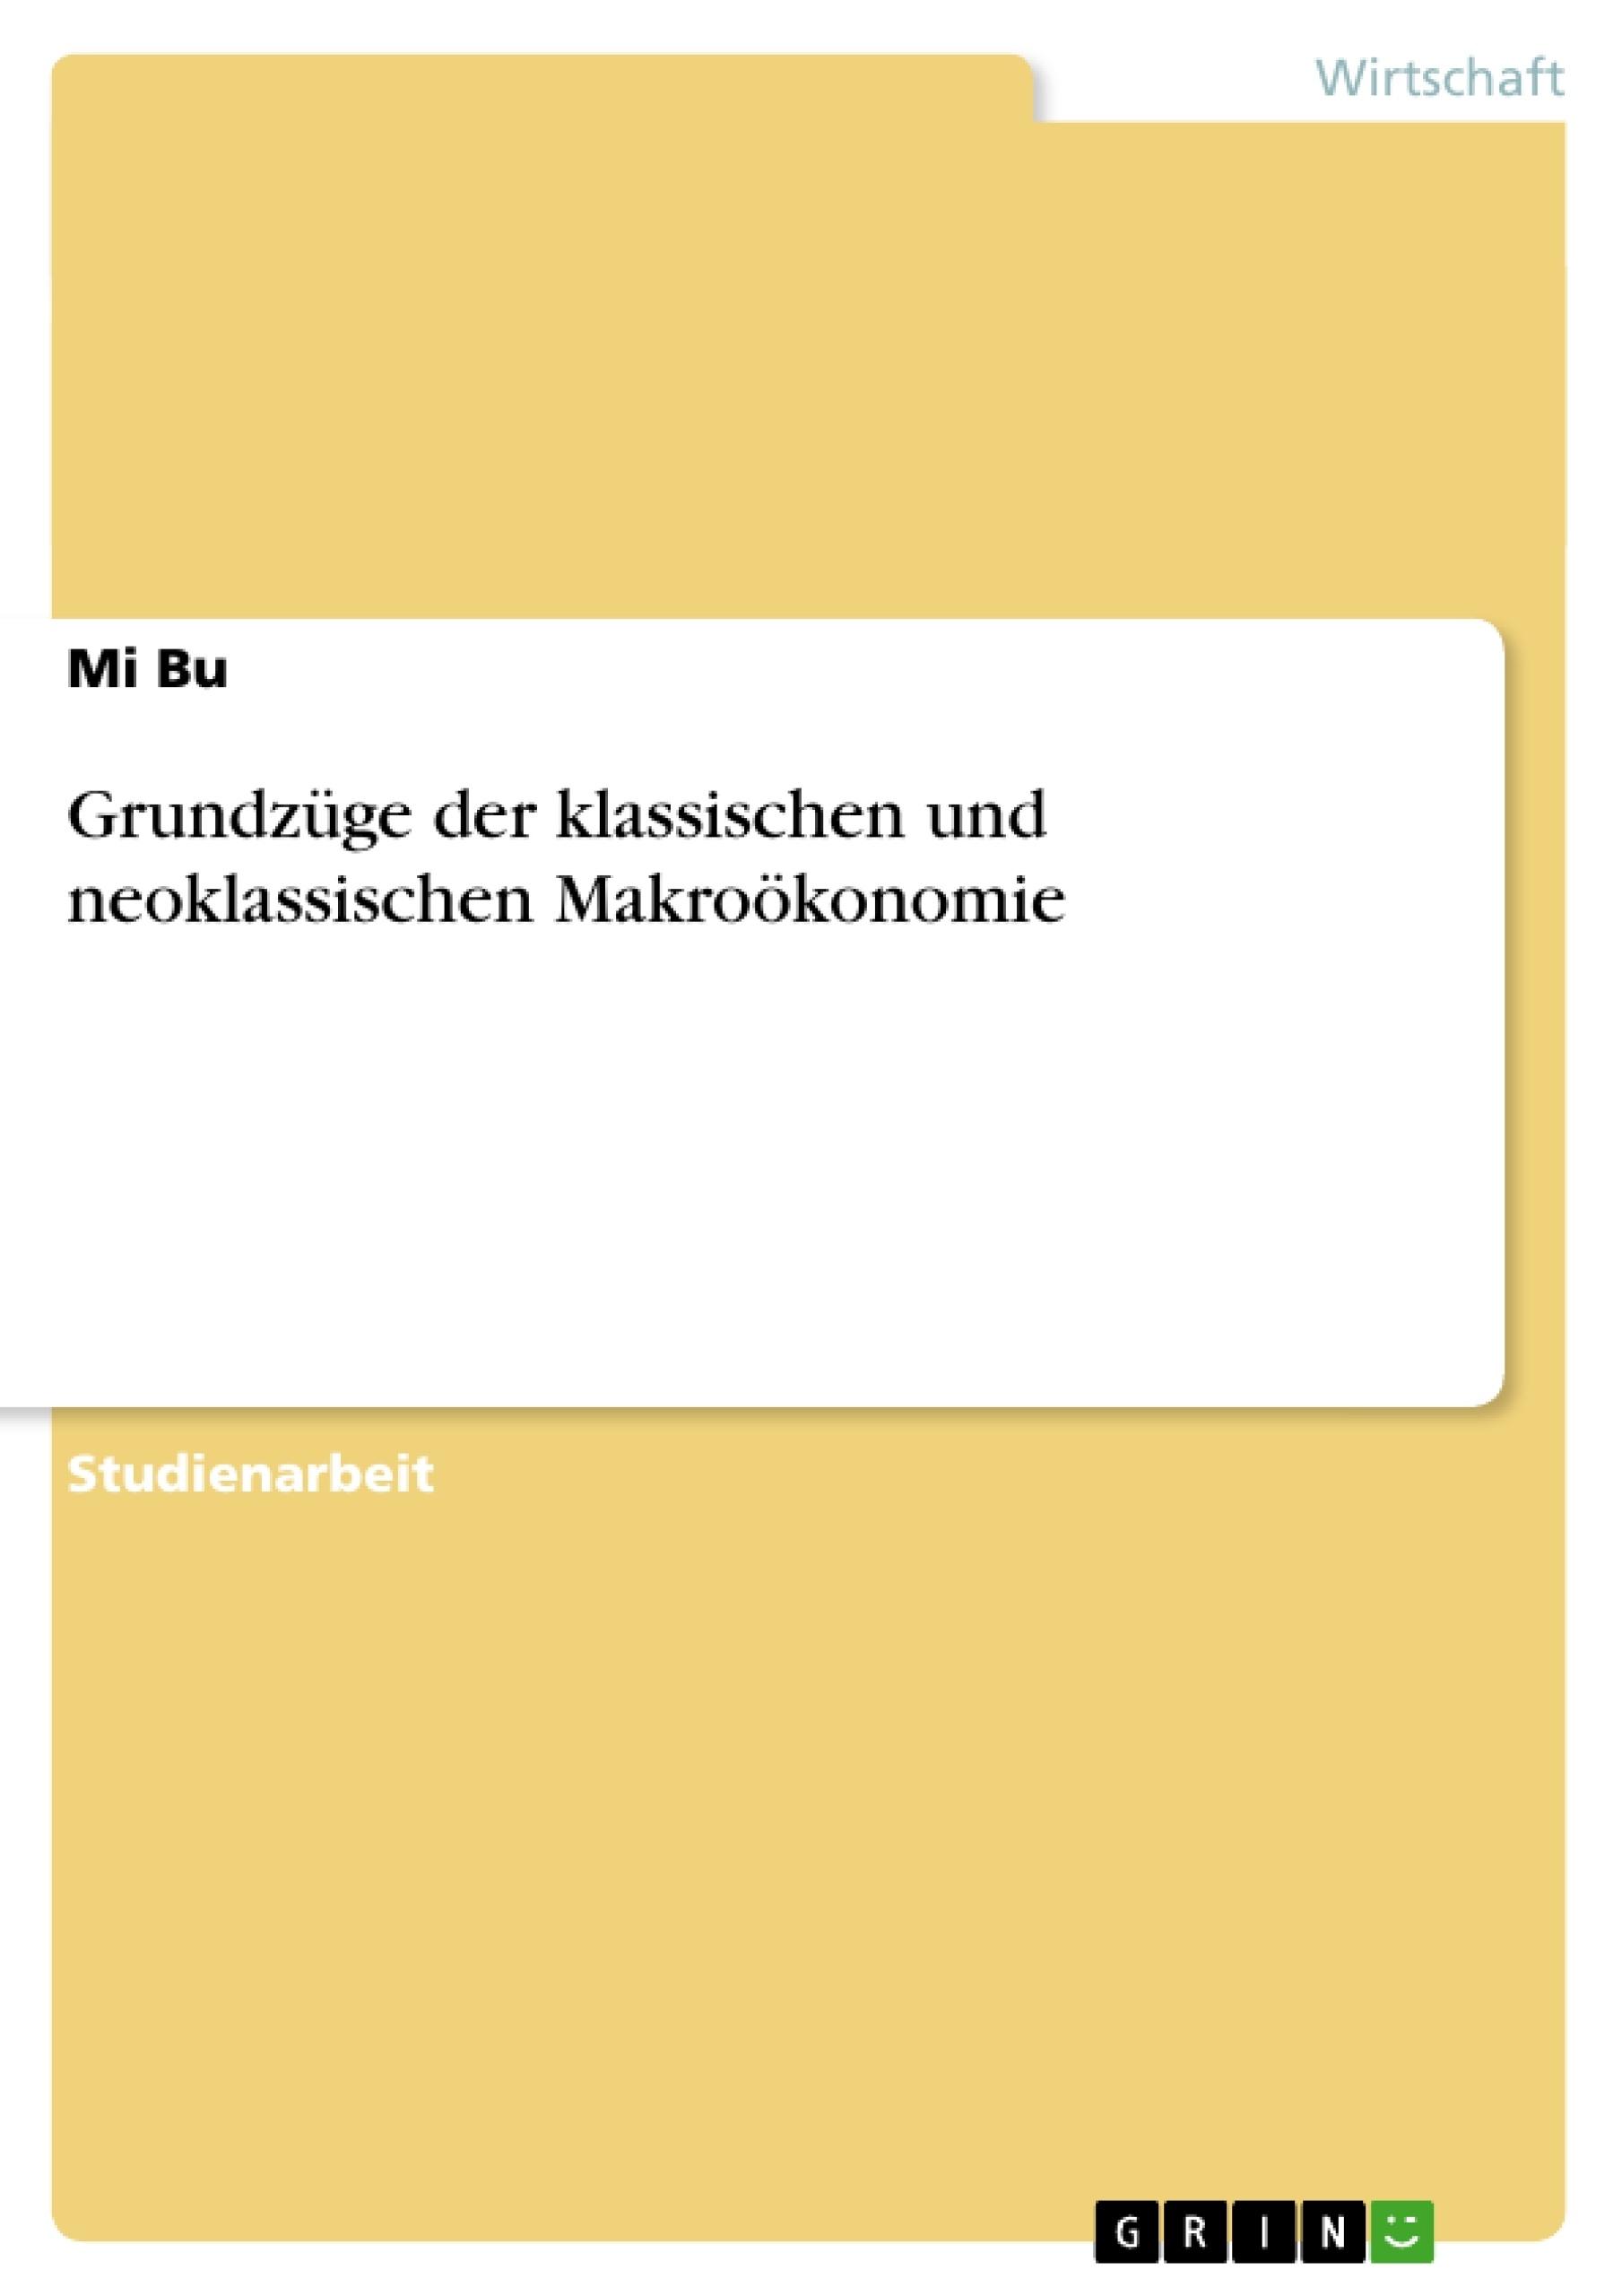 Titel: Grundzüge der klassischen und neoklassischen Makroökonomie